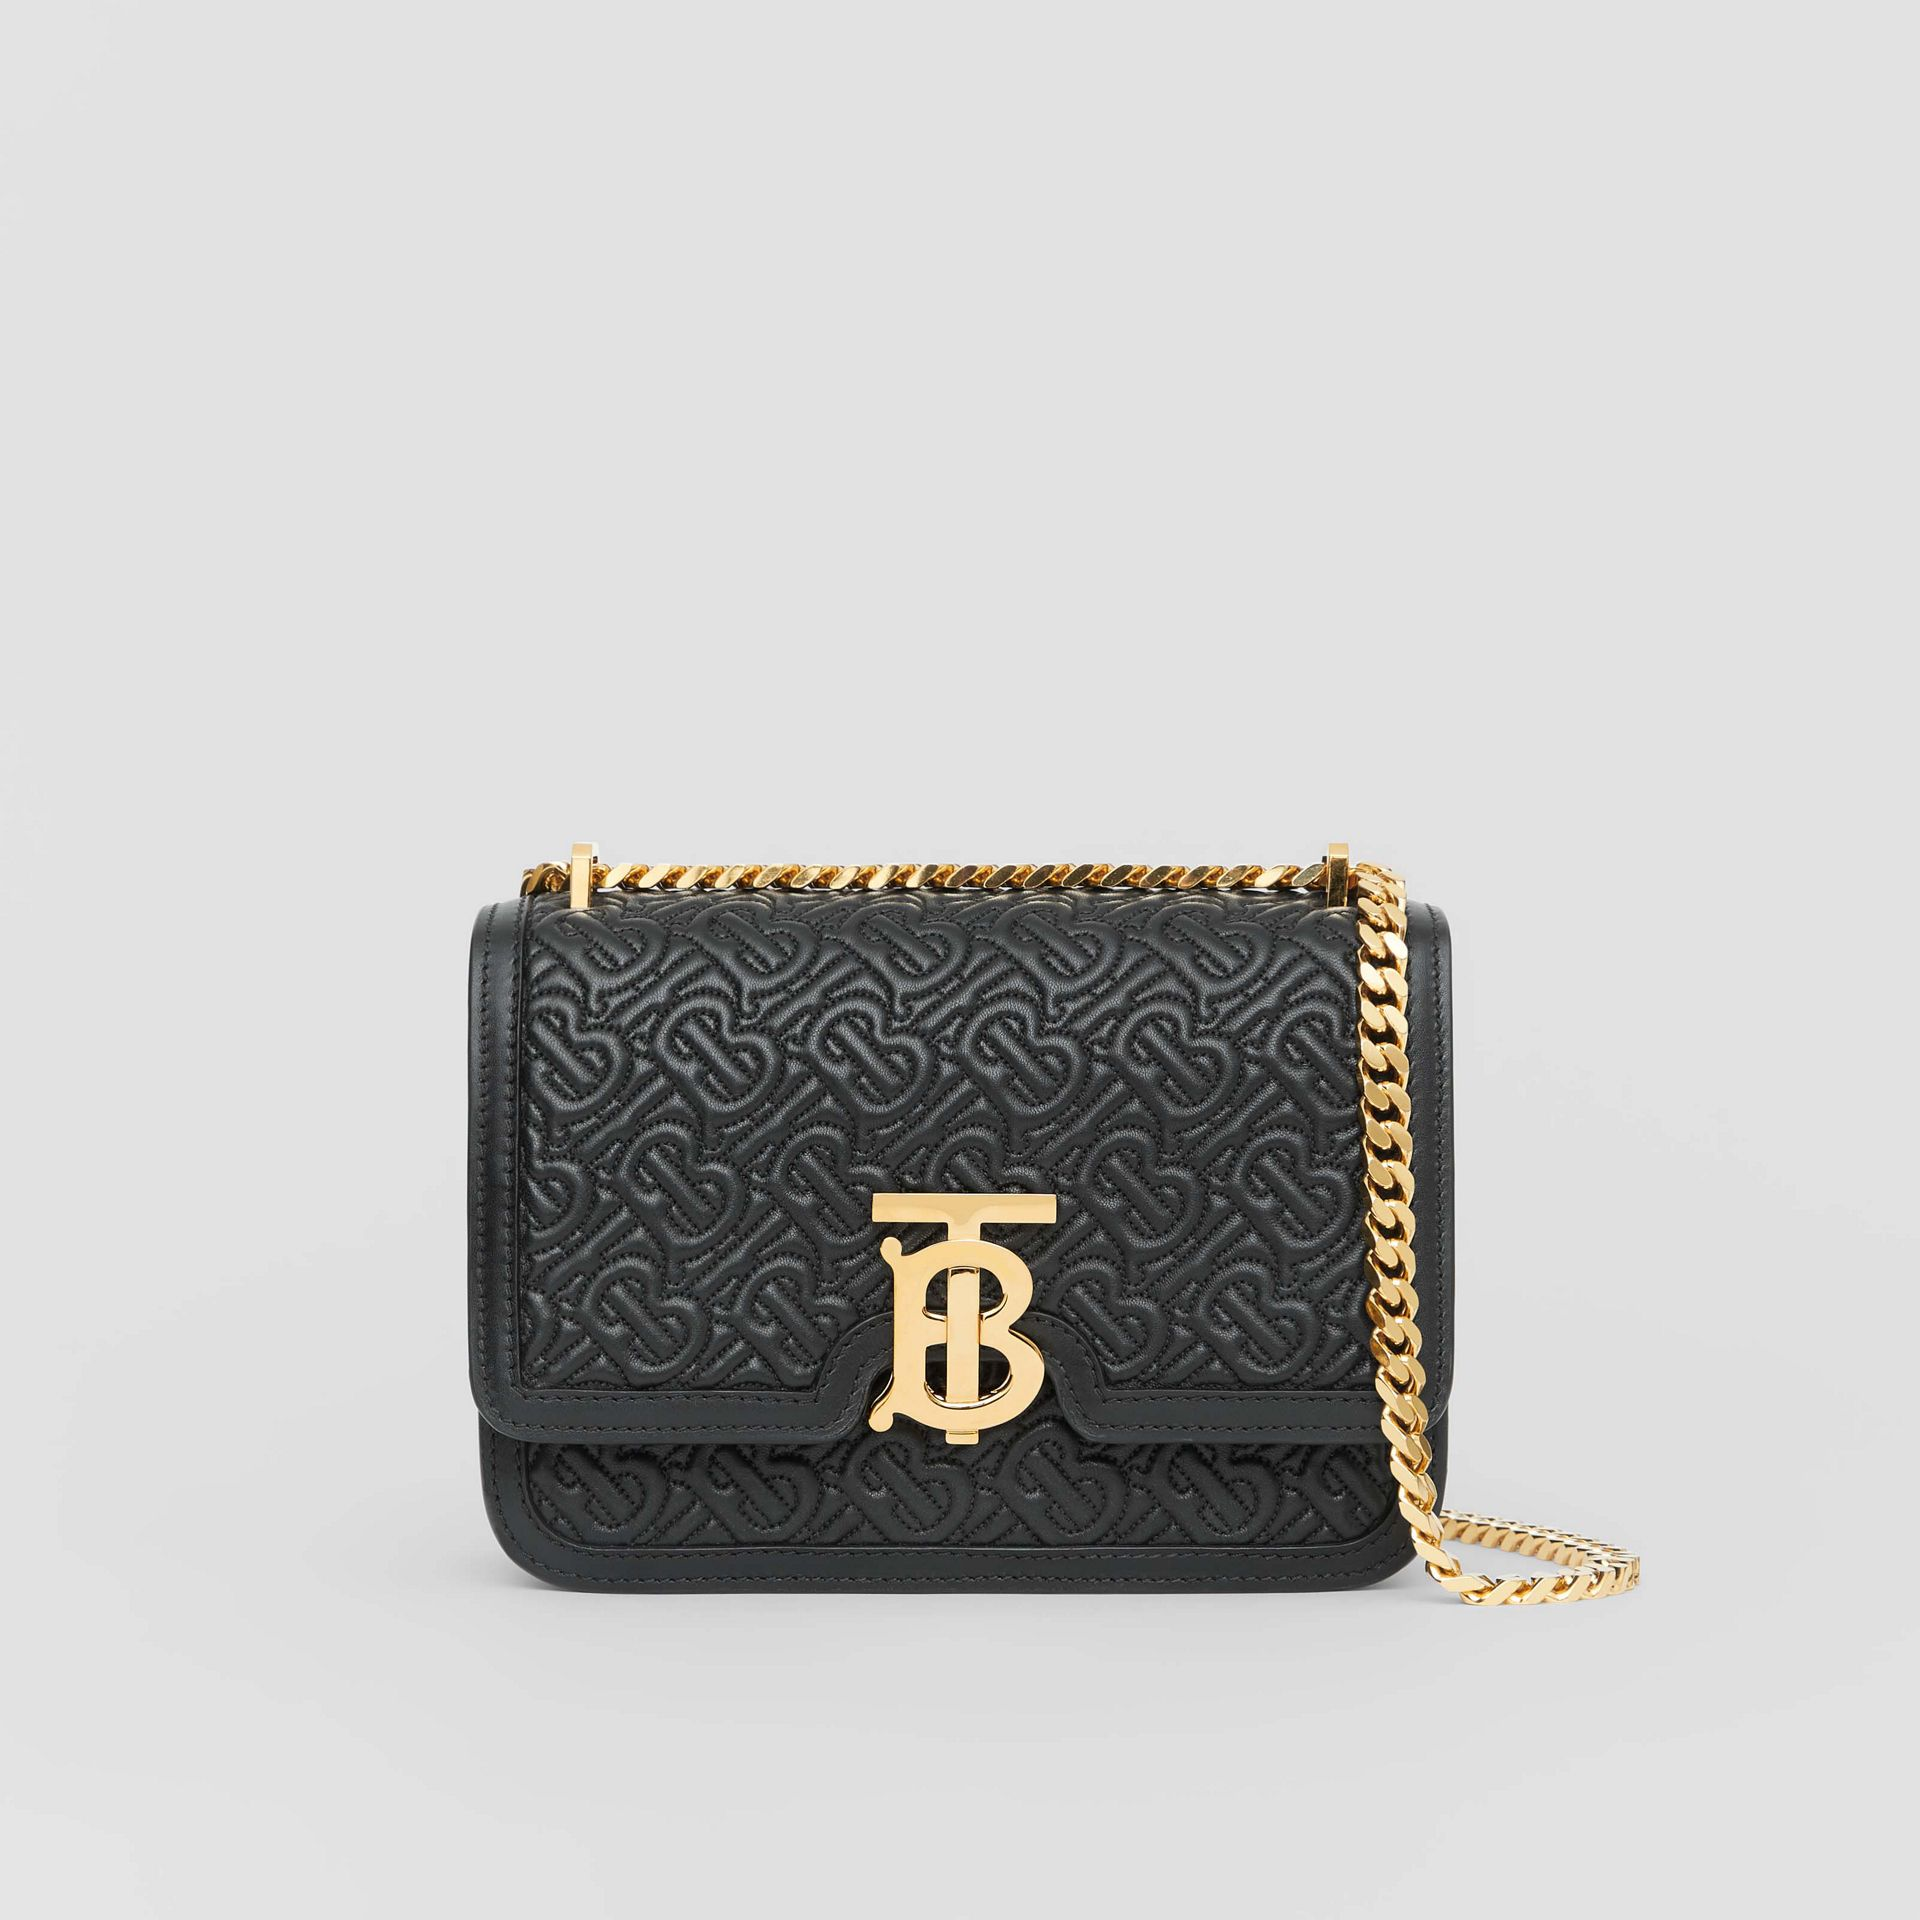 Bolsa TB de couro de cordeiro com monograma - Pequena (Preto) - Mulheres | Burberry - galeria de imagens 0